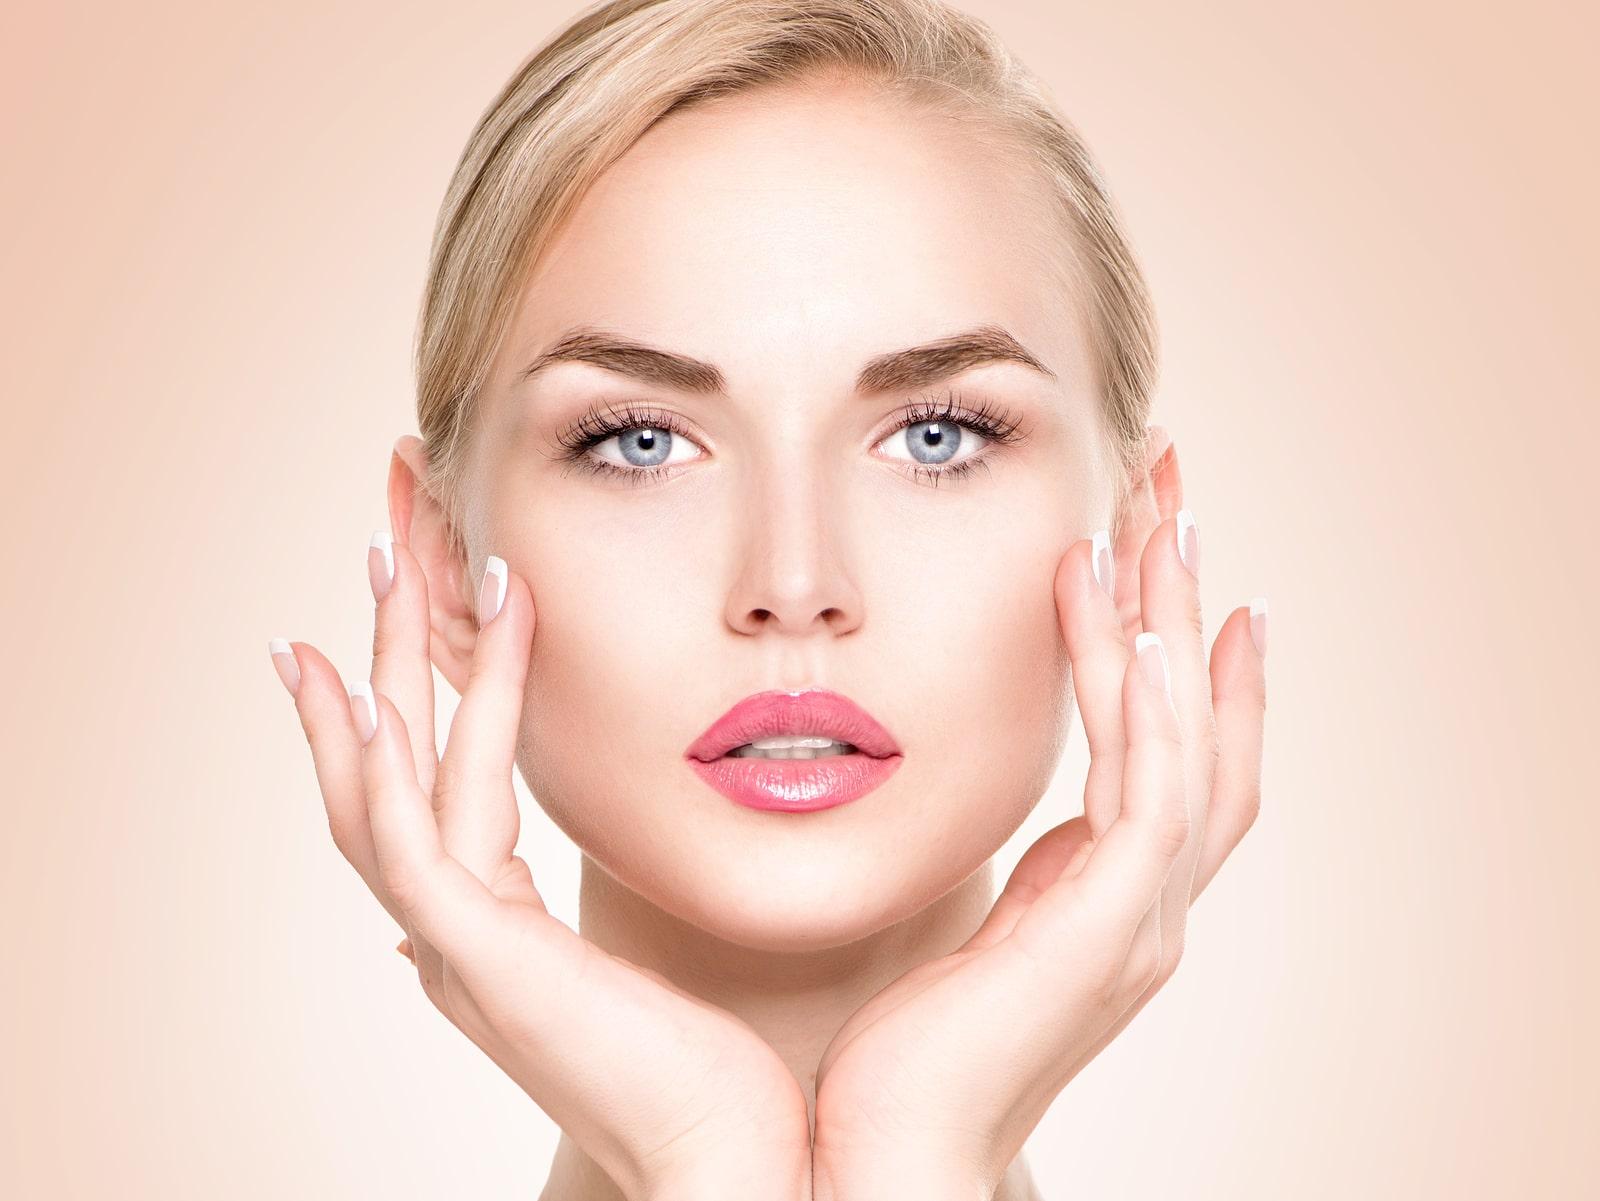 Mascarilla natural efecto botox